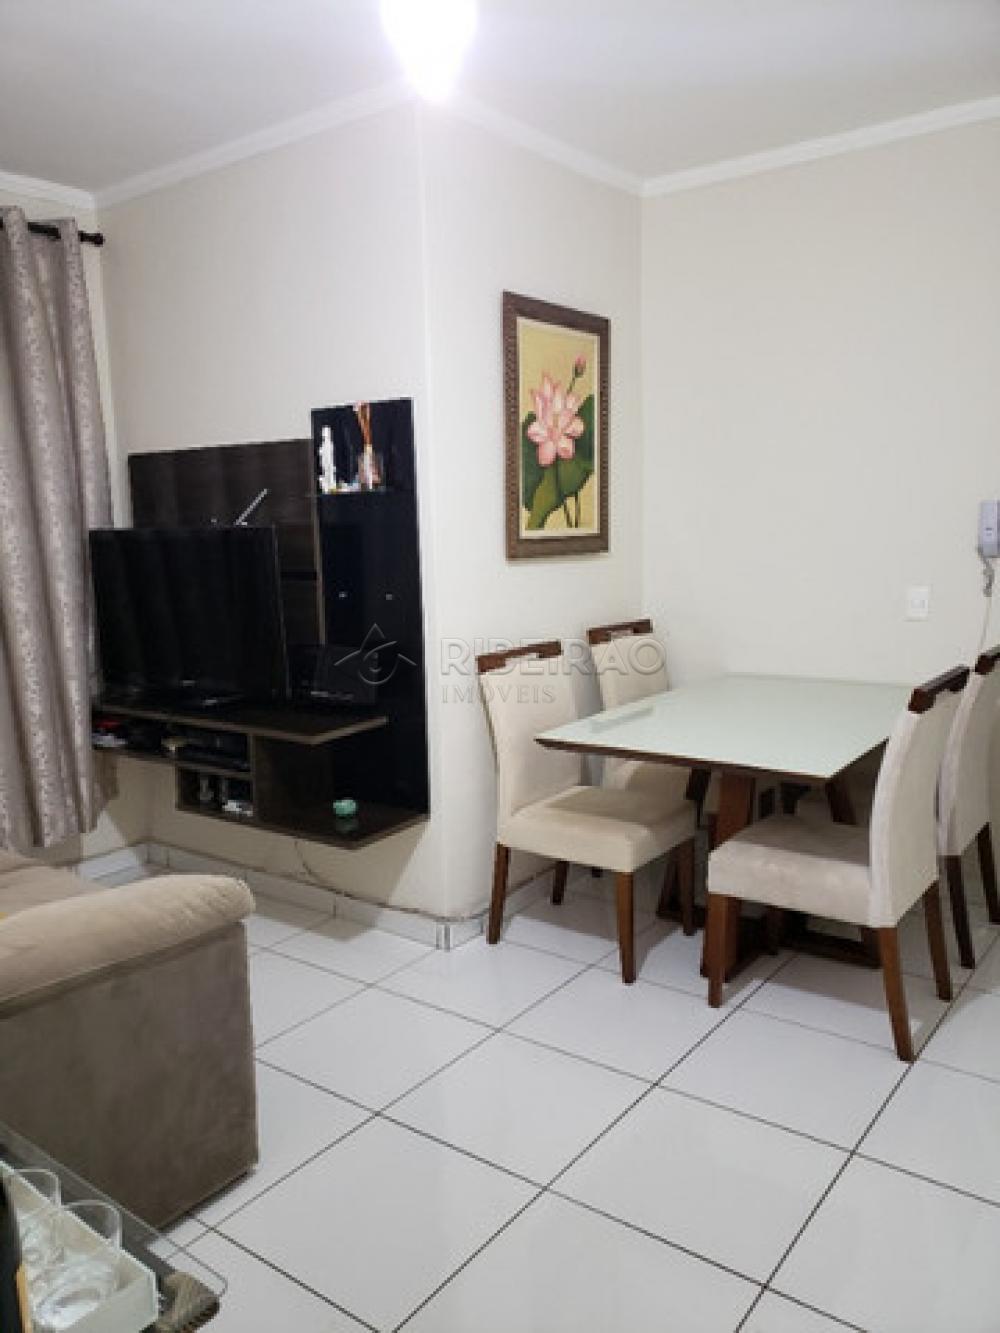 Comprar Apartamento / Padrão em Ribeirão Preto apenas R$ 141.000,00 - Foto 1